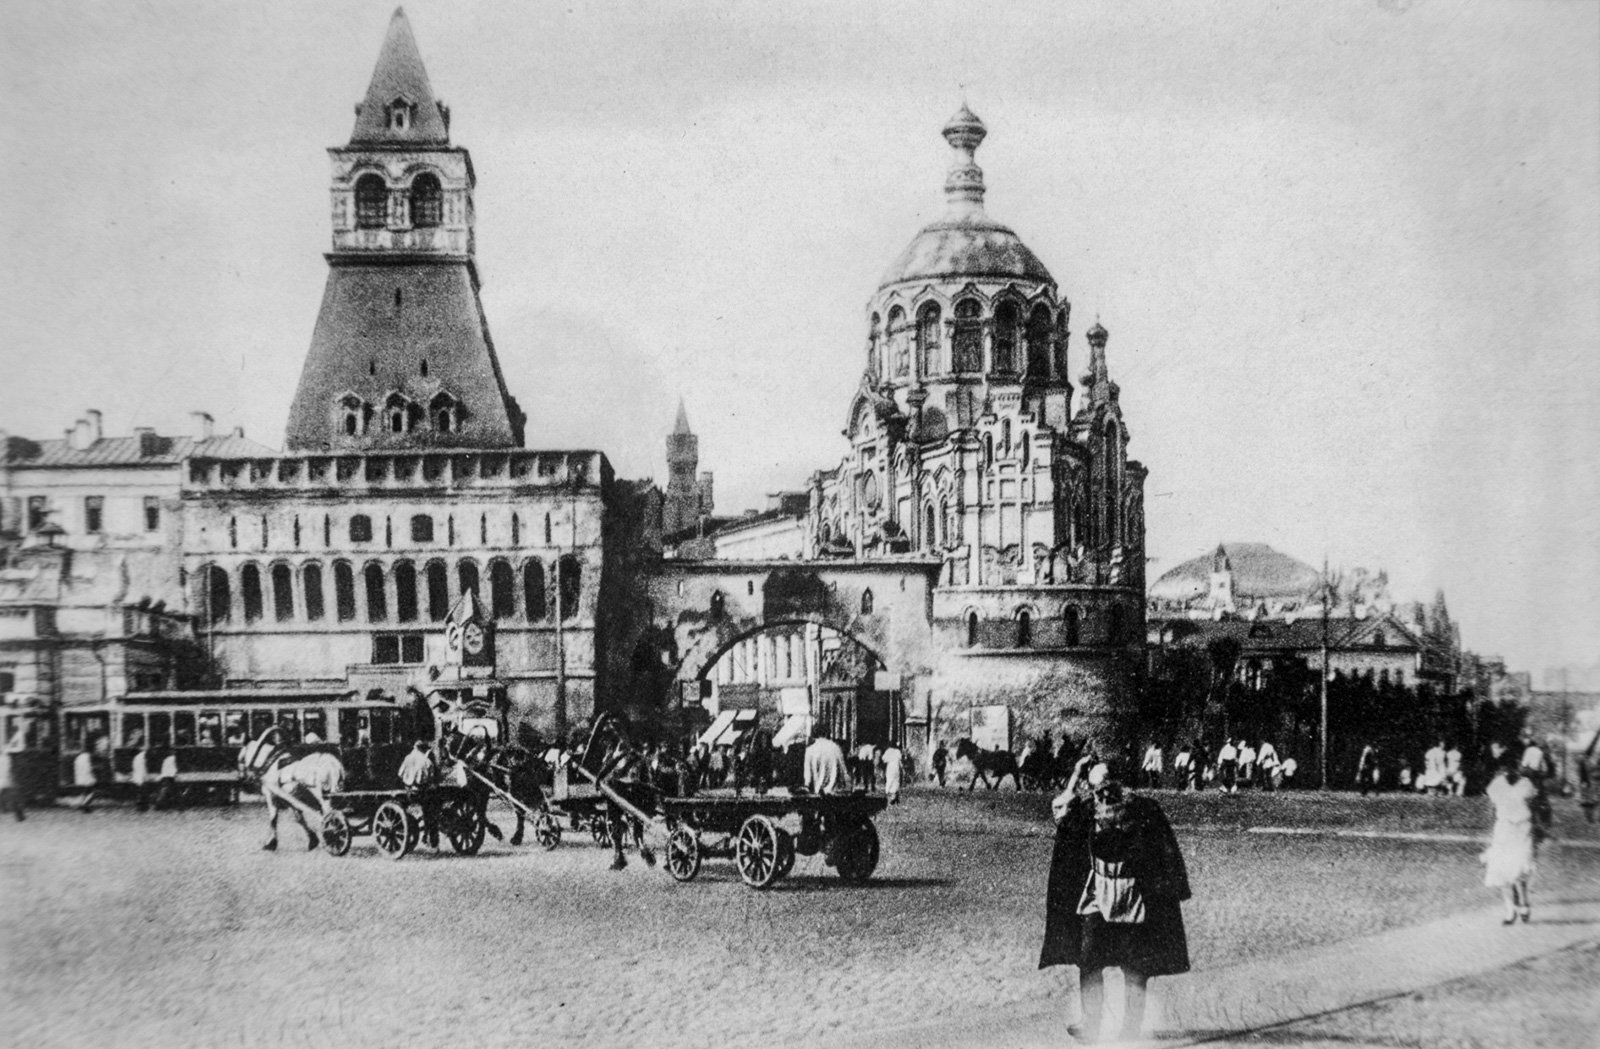 Лубянская площадь до реконструкции. Автор неизвестен. 1920-е годы. Главархив Москвы